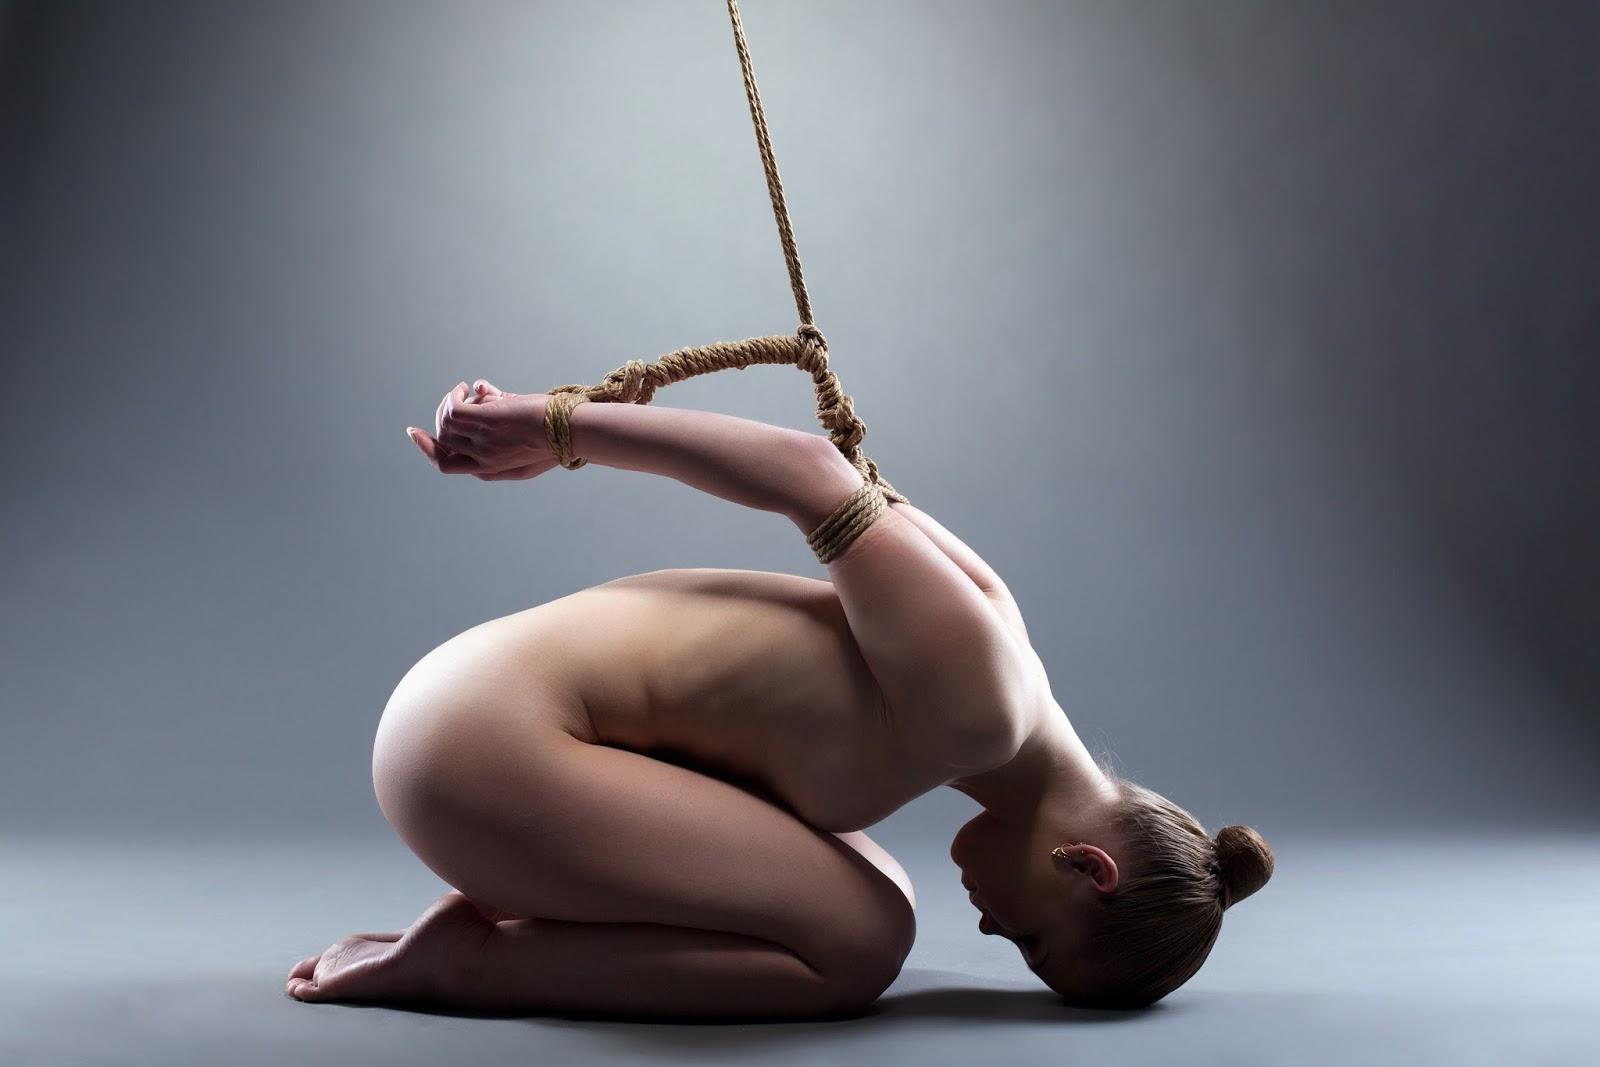 Фото связанных верёвками девушек 15 фотография